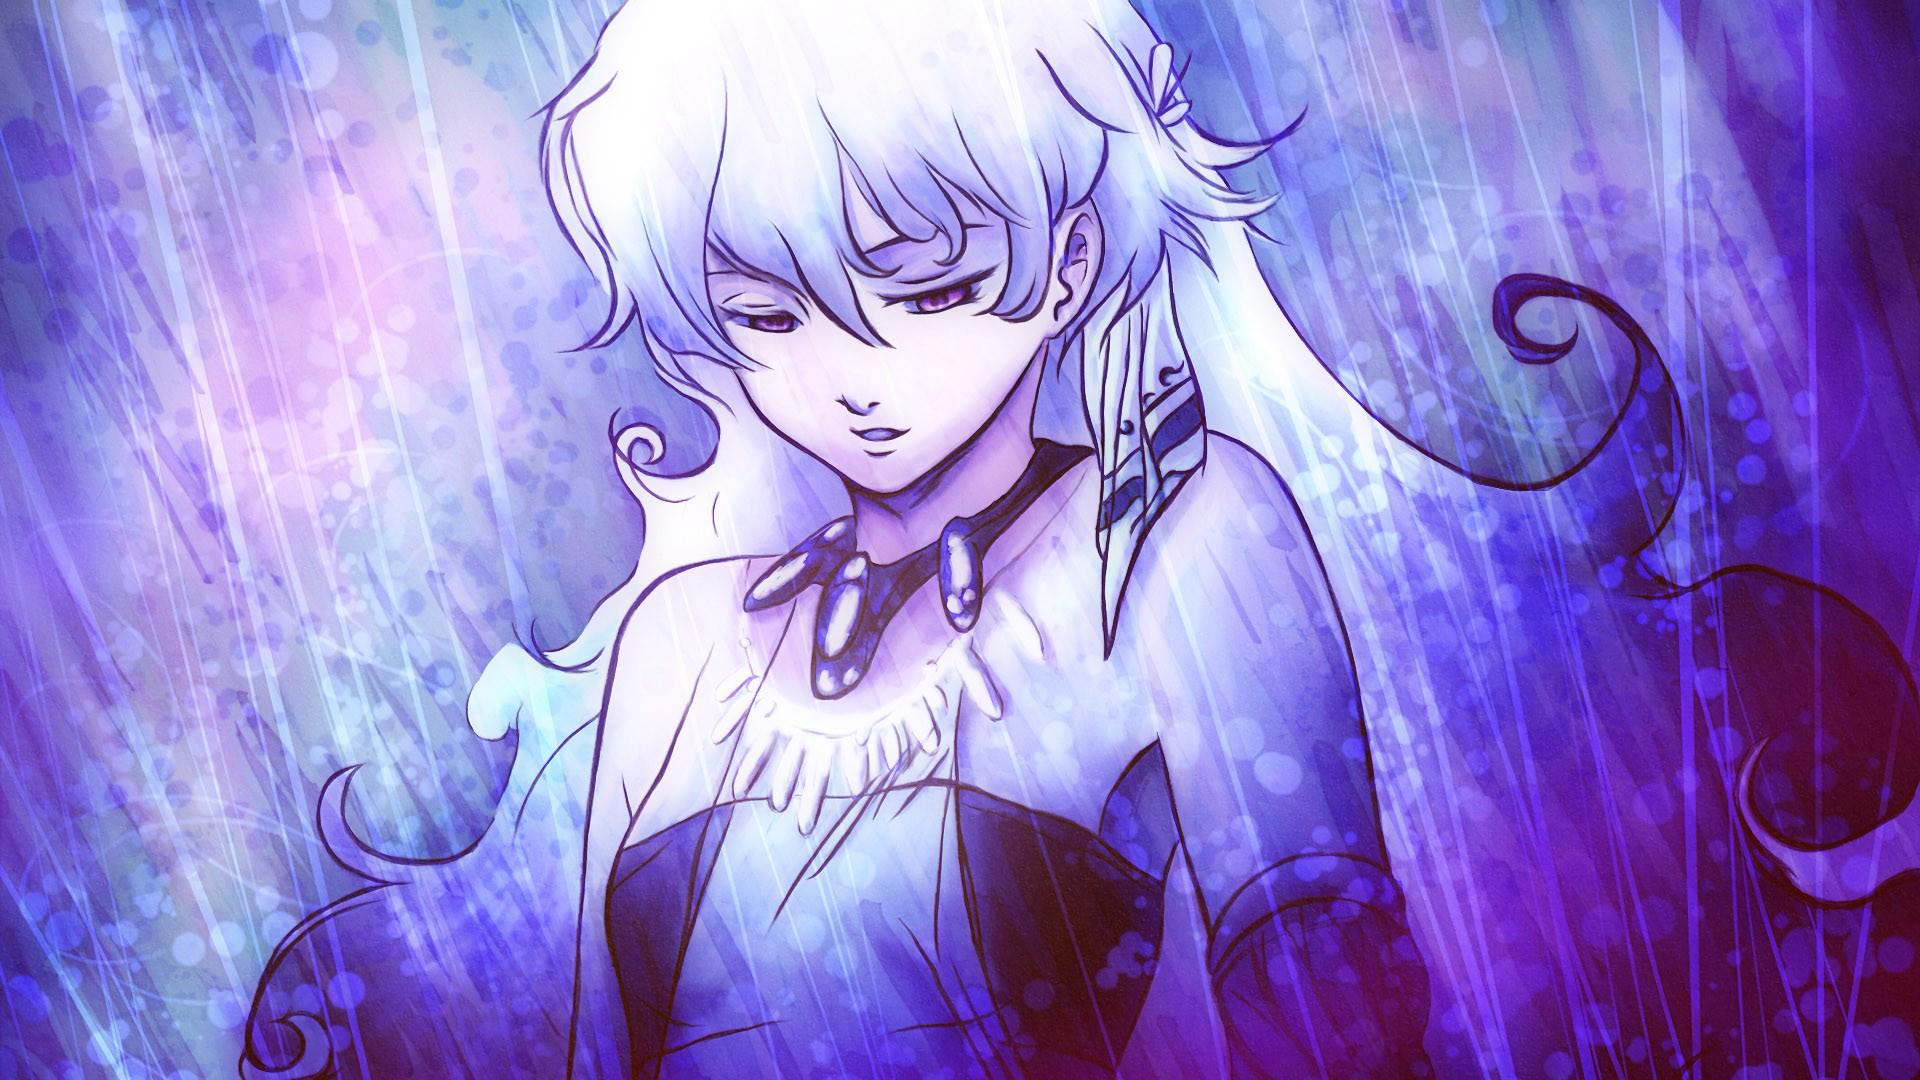 Wallpaper Beautiful, Yoko Littner, white hair anime girl, anime